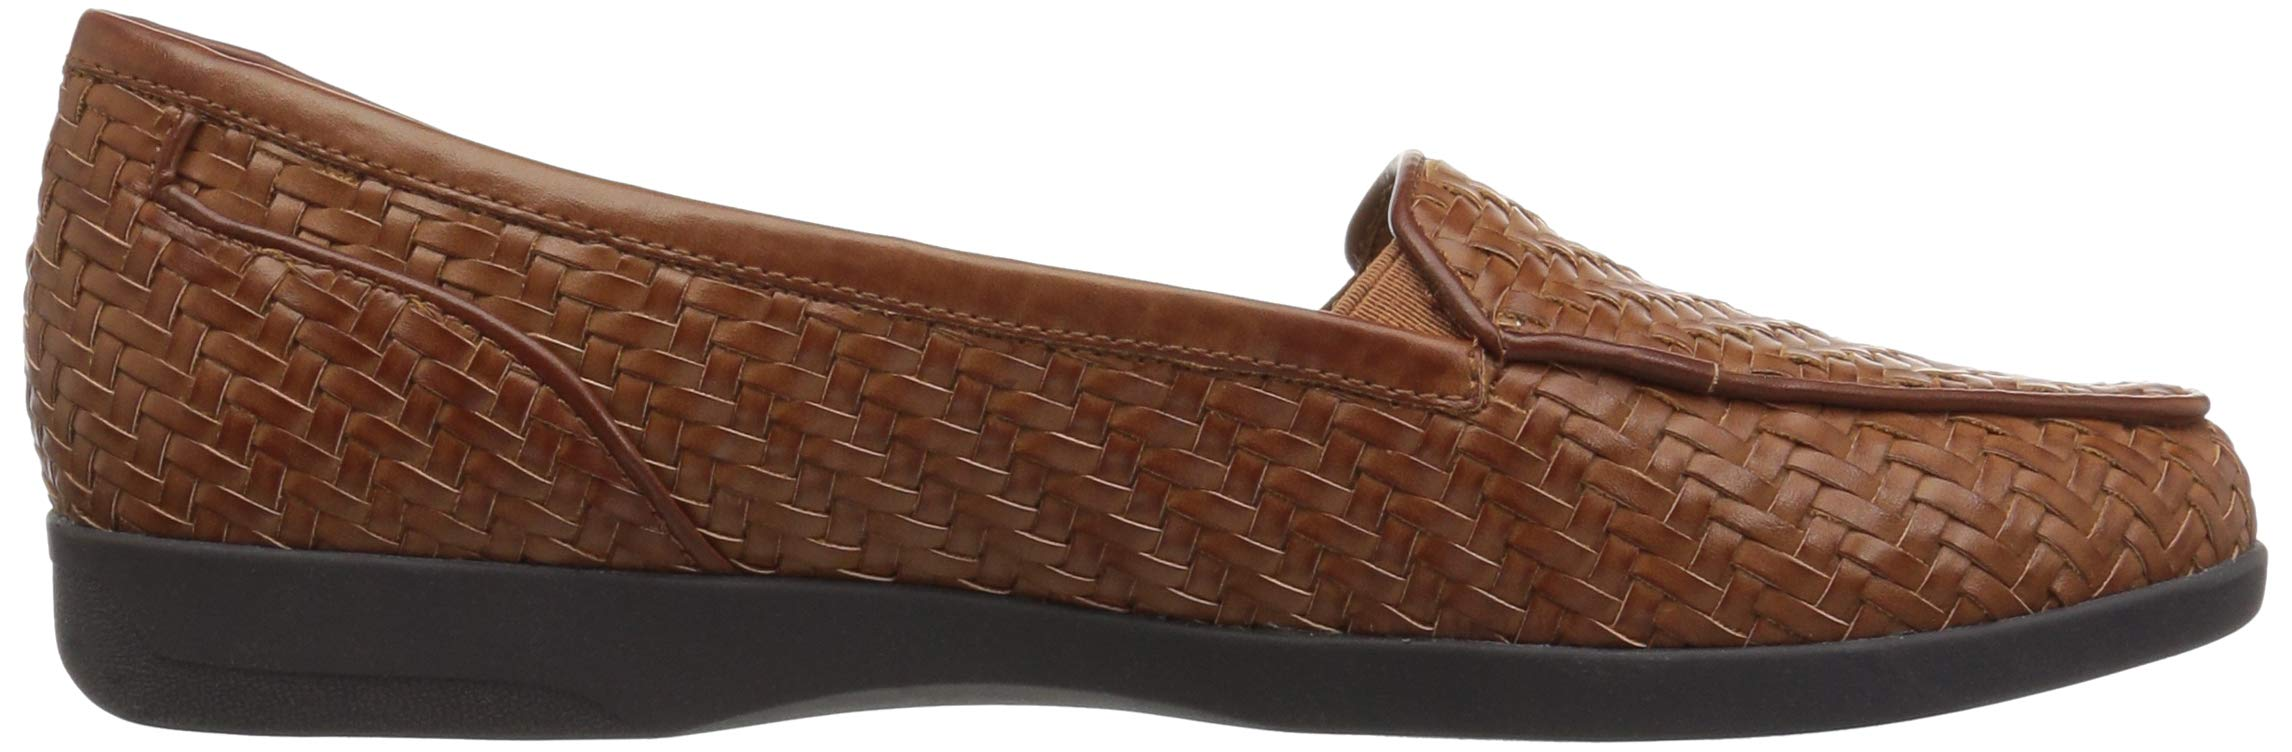 Easy Spirit Womens Devitt8 Driving Style Loafer